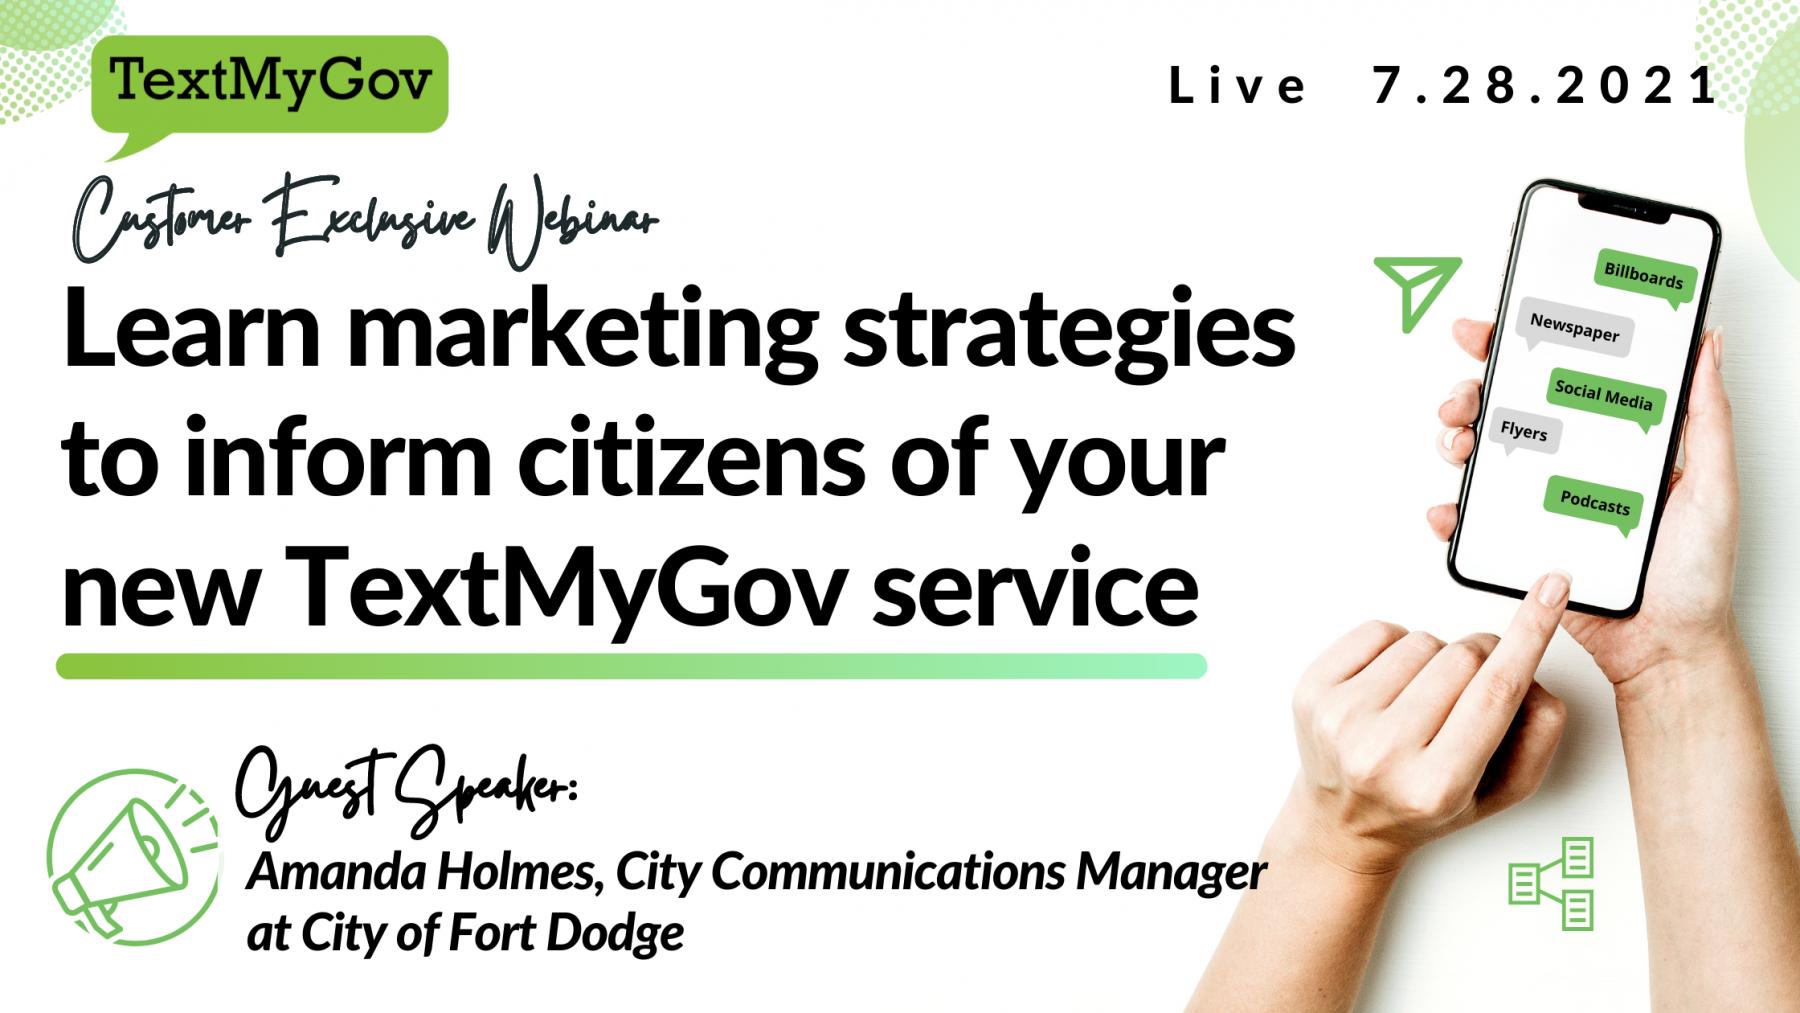 Marketing TextMyGov to citizens